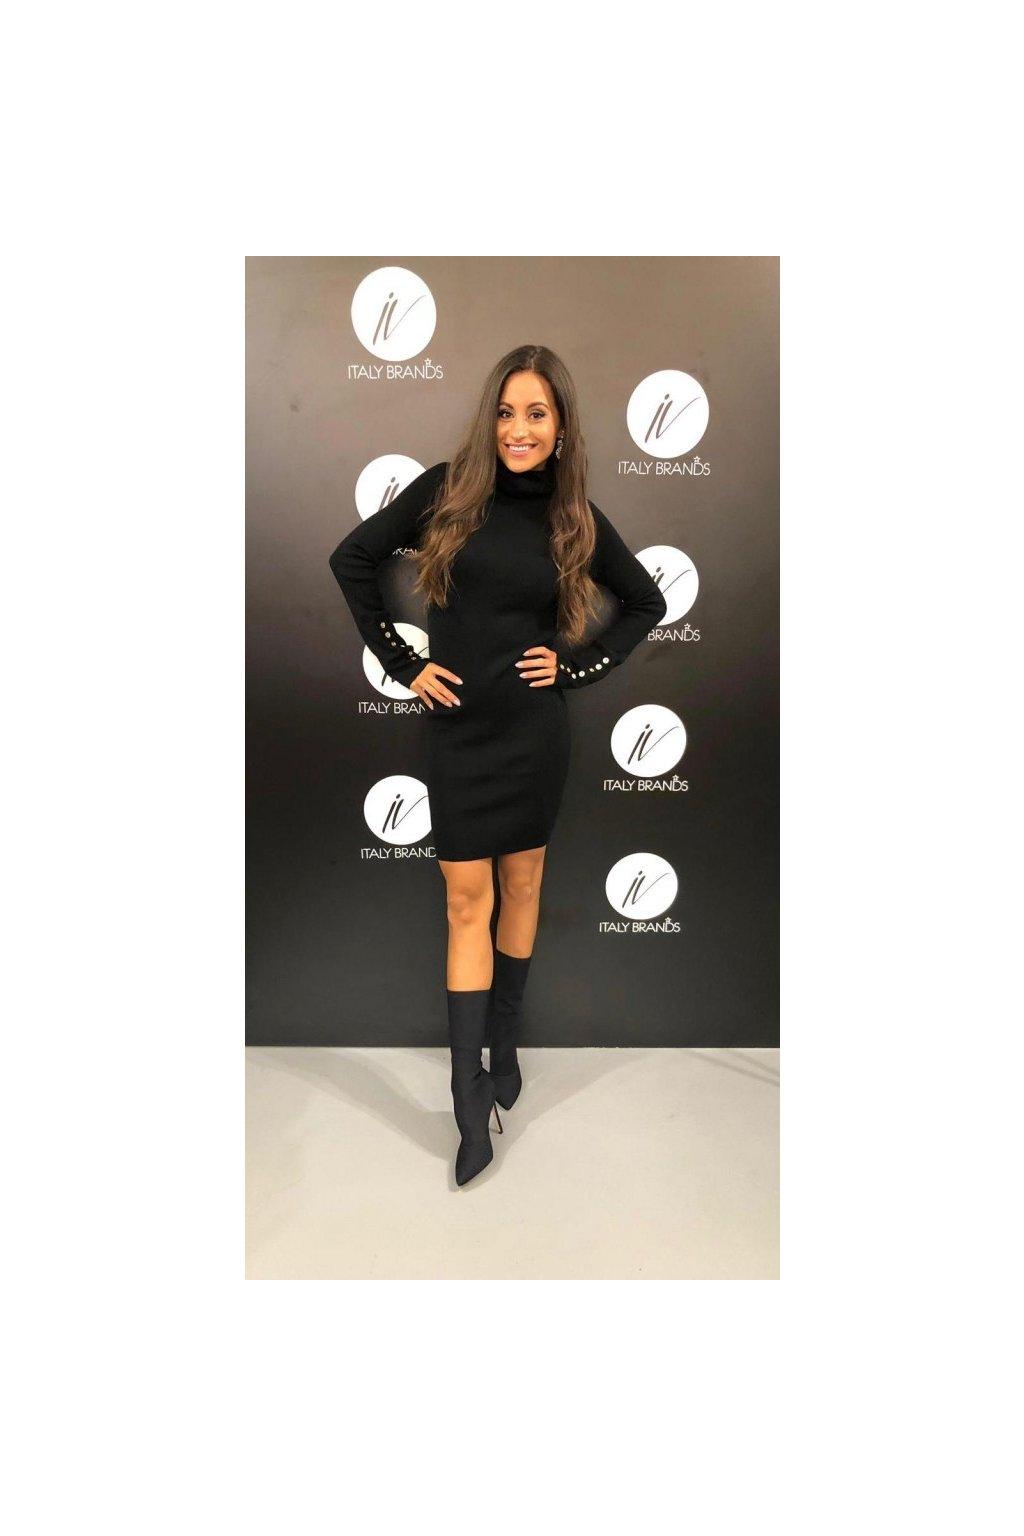 Úpletové šaty s roláčkem, Silvian Heach - černé (Velikost Velikost L)